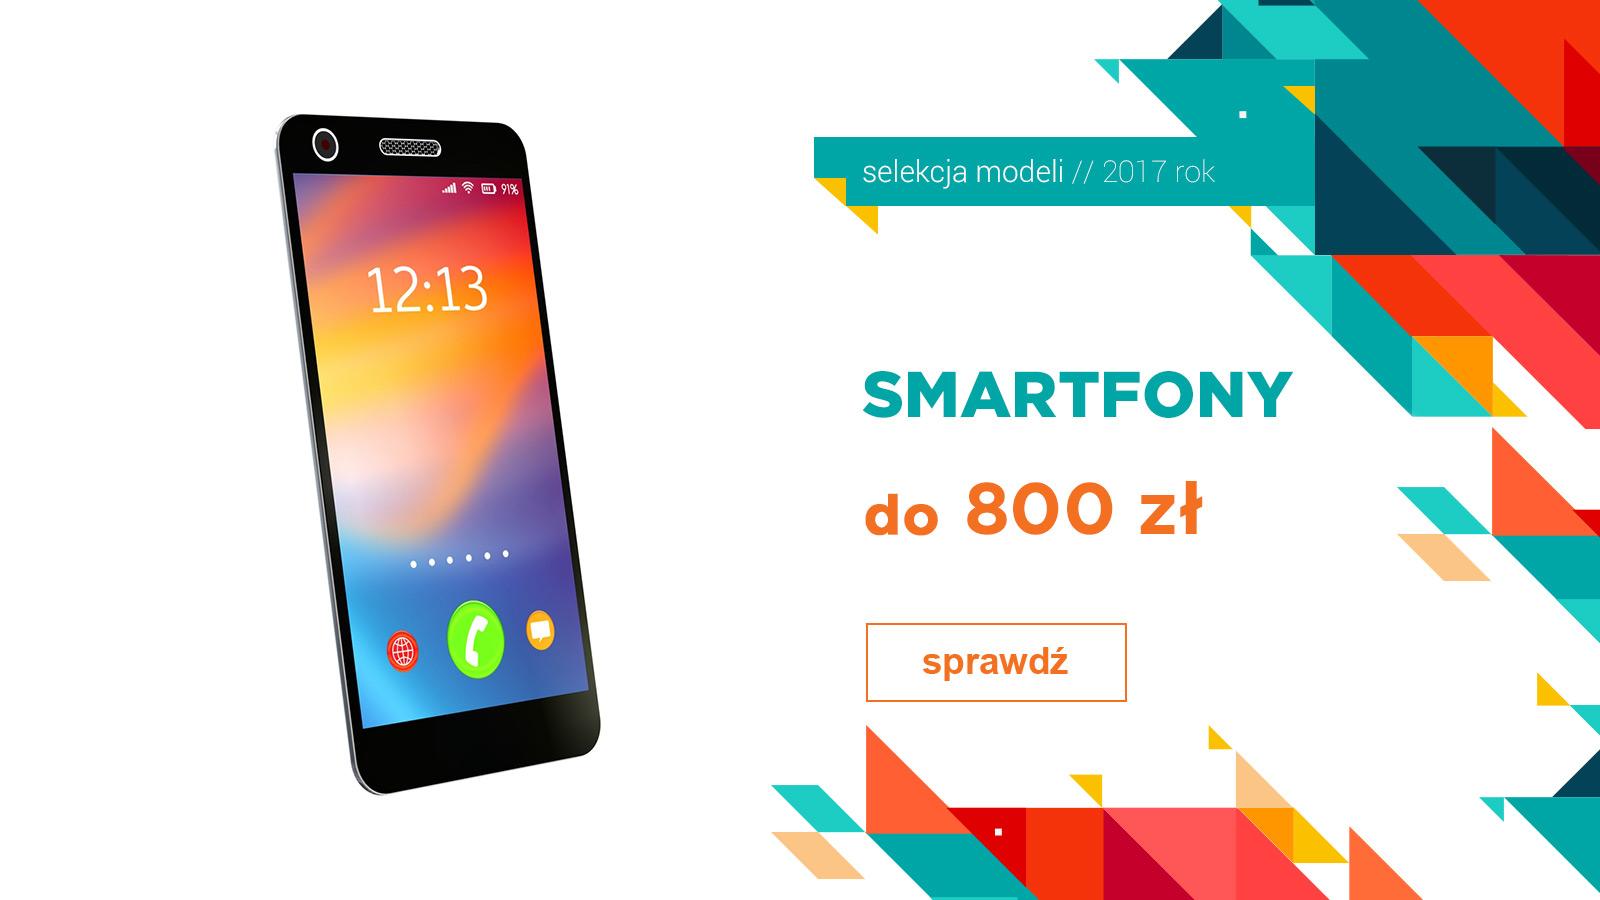 Smartfony do 800 zł – I kwartał 2017